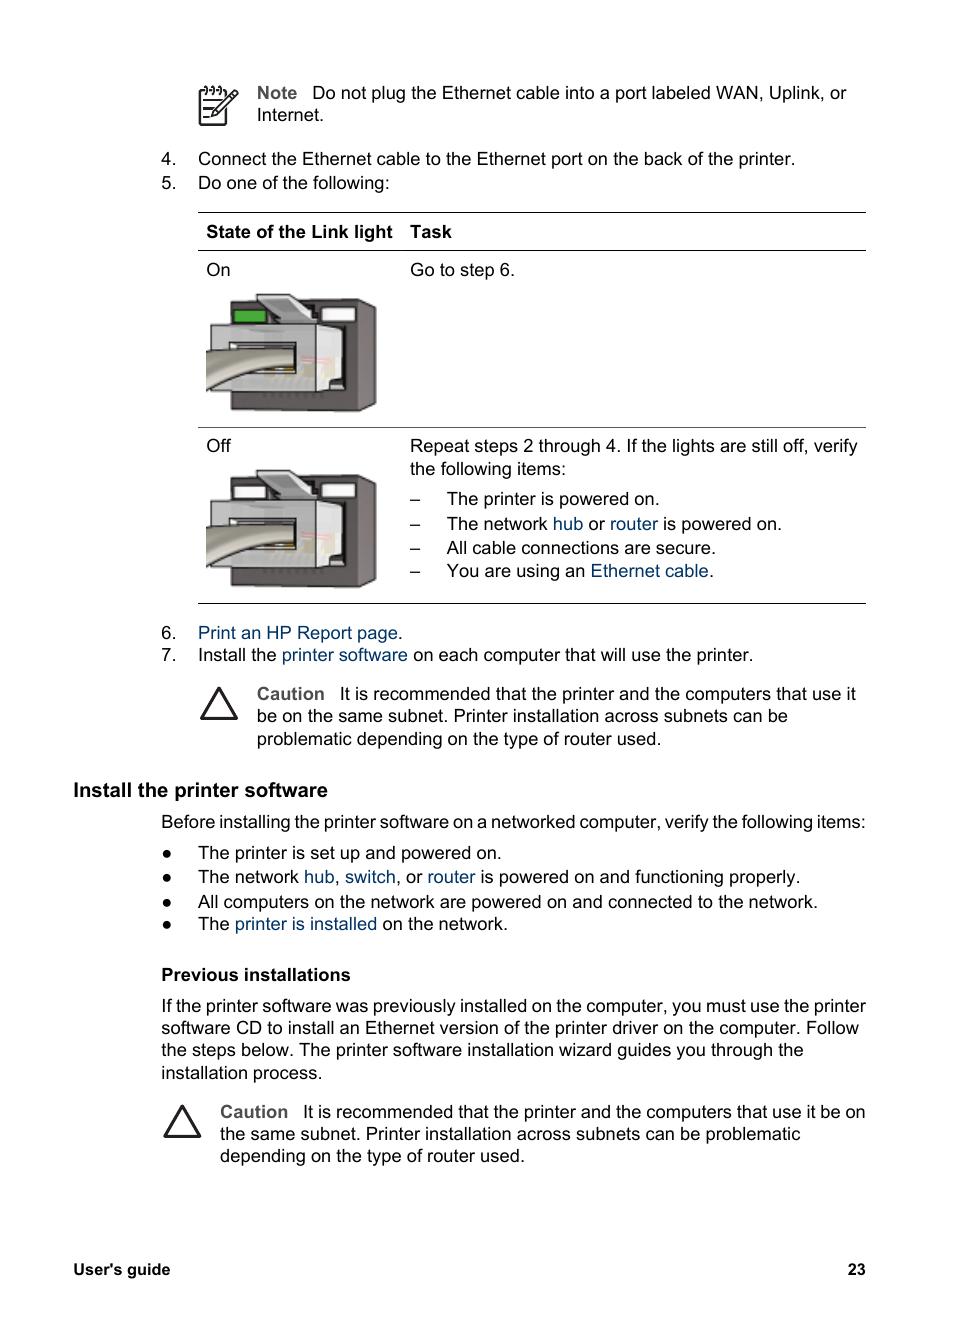 install the printer software hp deskjet 6940 user manual page 25 rh manualsdir com HP 6940 Printer Installation HP 6940 Instruction Manual